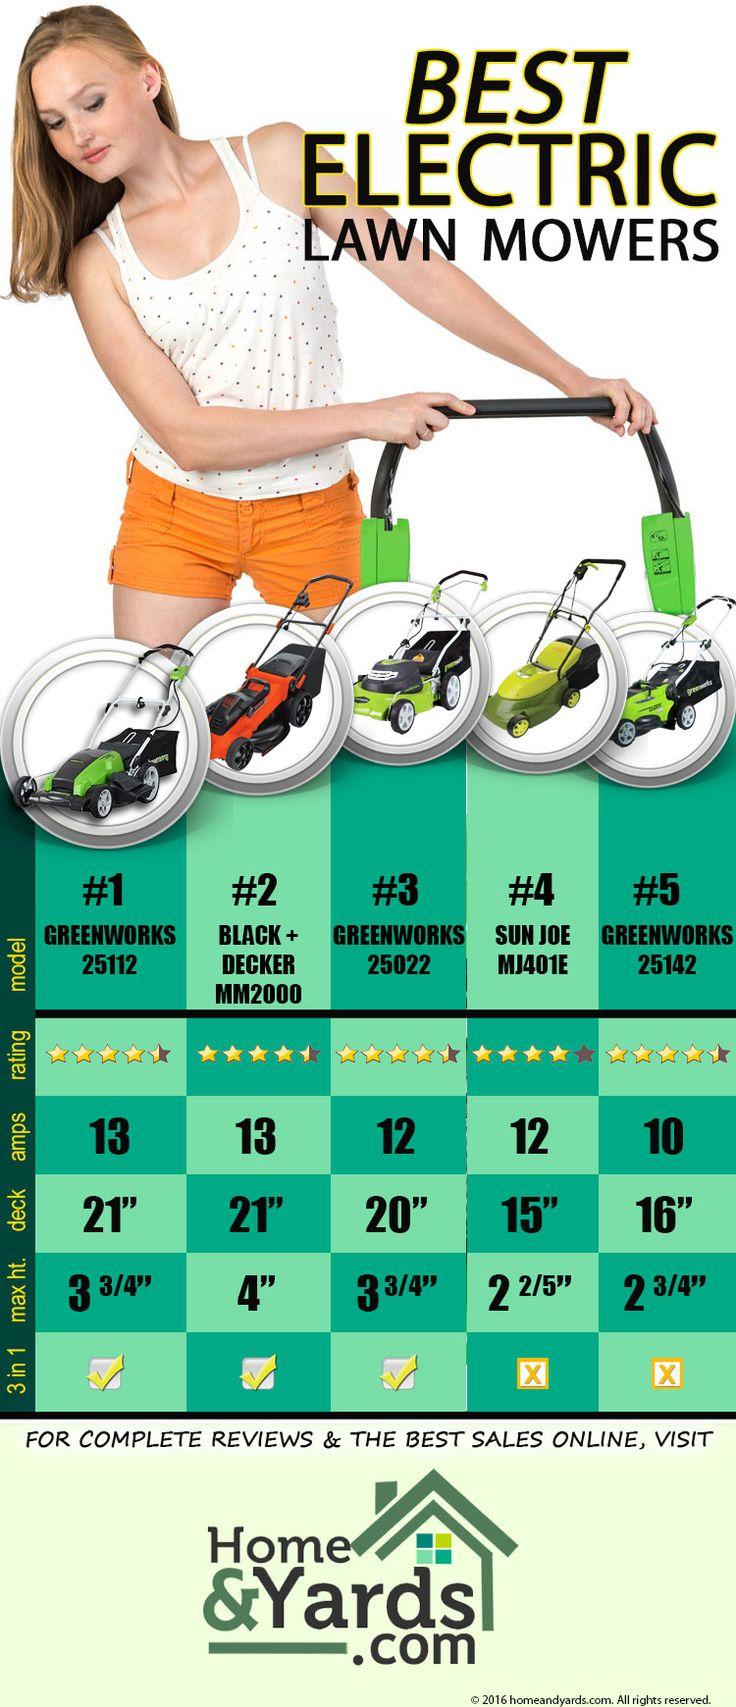 les 20 meilleures images du tableau product comparisons sur pinterest aspirateurs infographie. Black Bedroom Furniture Sets. Home Design Ideas